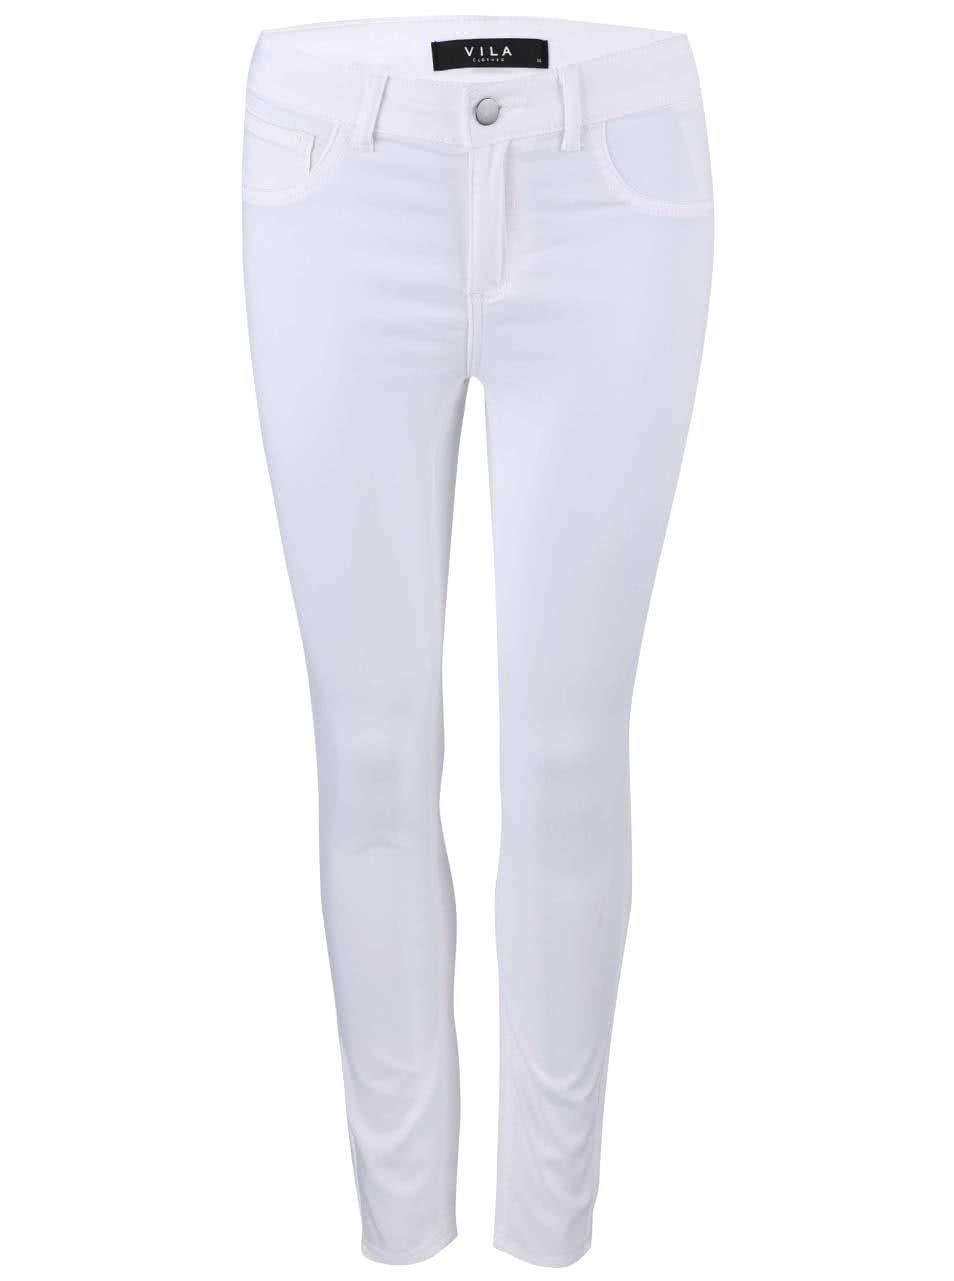 Bílé úzké kalhoty VILA Commit ... e265cec8d9